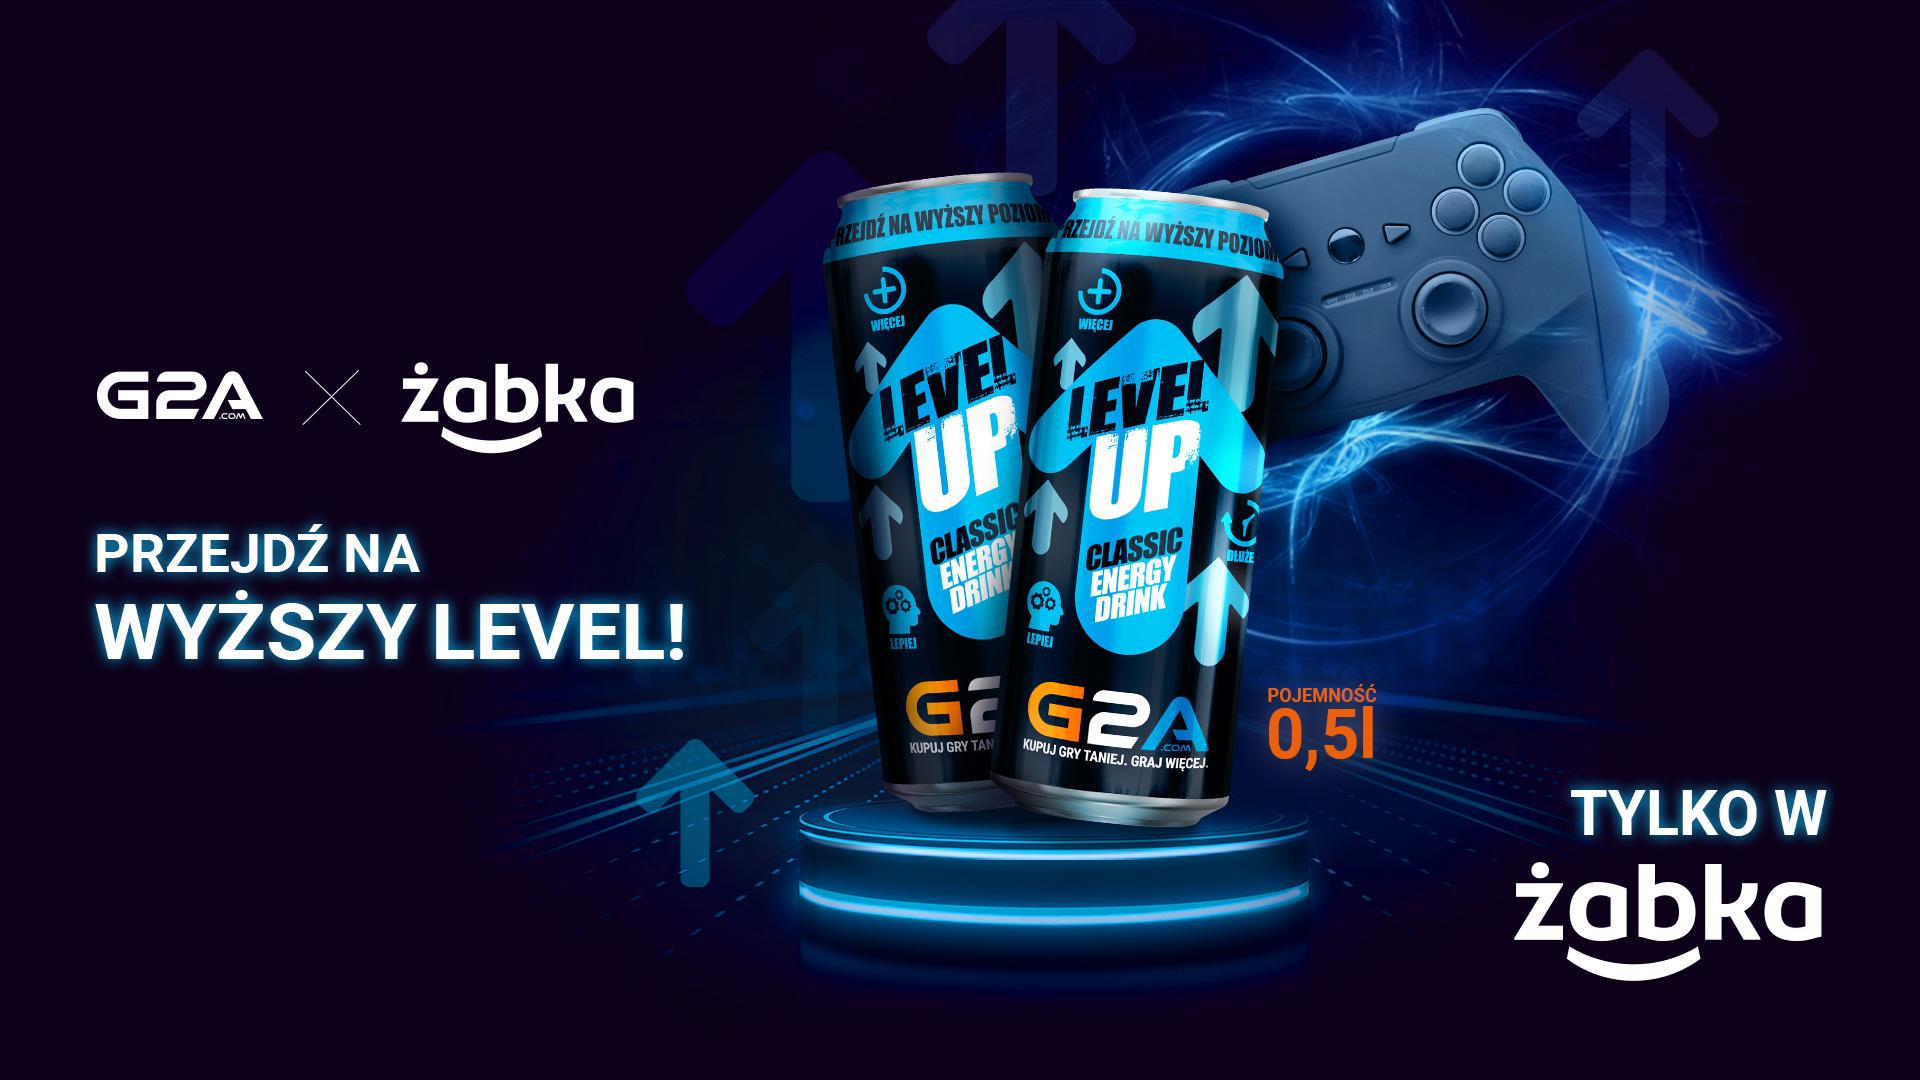 Limitowana edycja napoju Level Up z logo G2A, tylko w Żabce